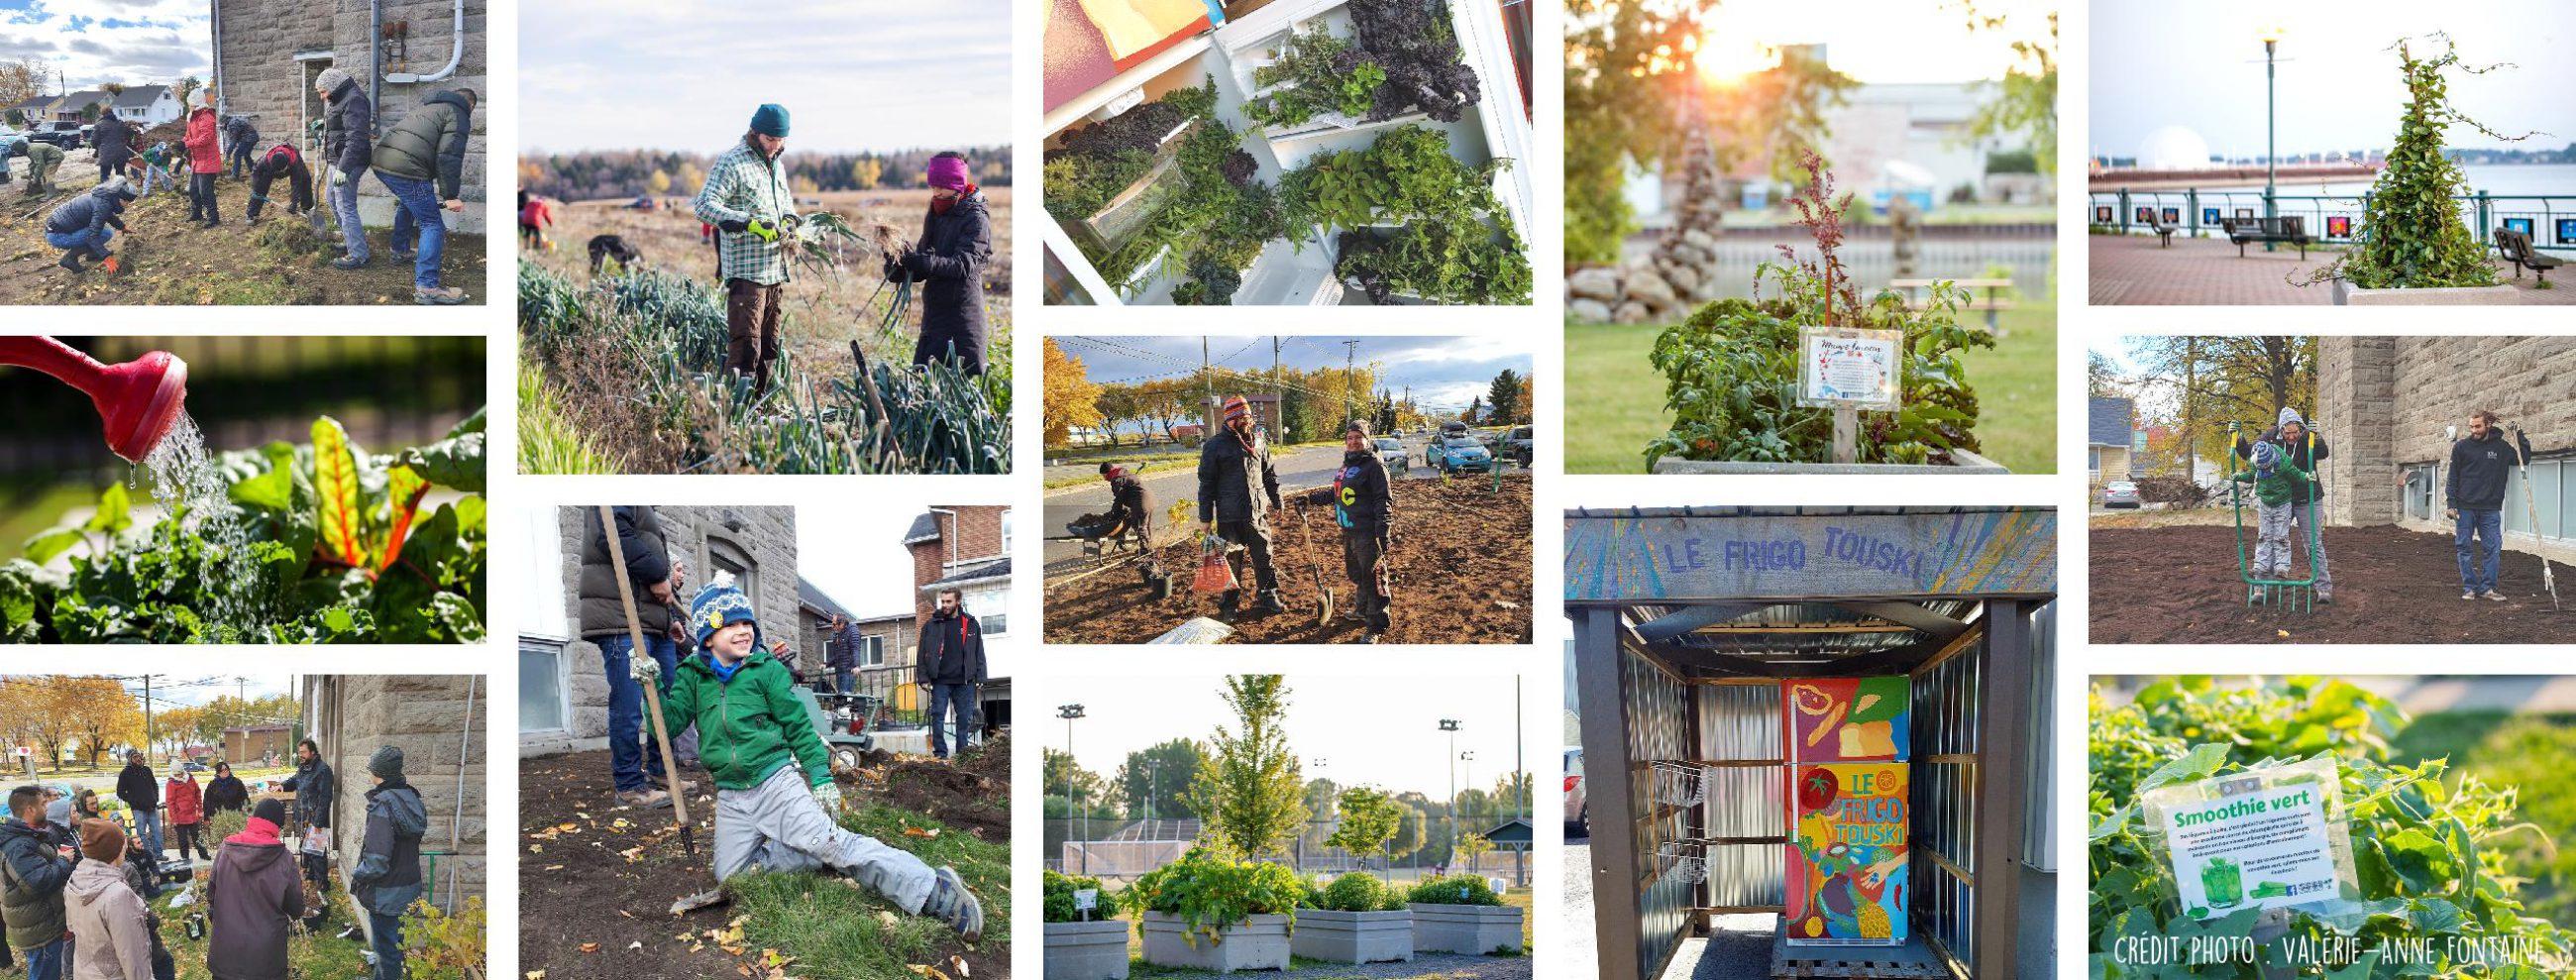 Mouvement écologique ecologique du comté compté de Richelieu bas-Richelieu Sorel-Tracy environnement jardins incroyables comestibles forêt nourricière MRC ville Frigo touski Mouvement_ecologique_du_comté_de_richelieu Sorel-Tracy.jpg